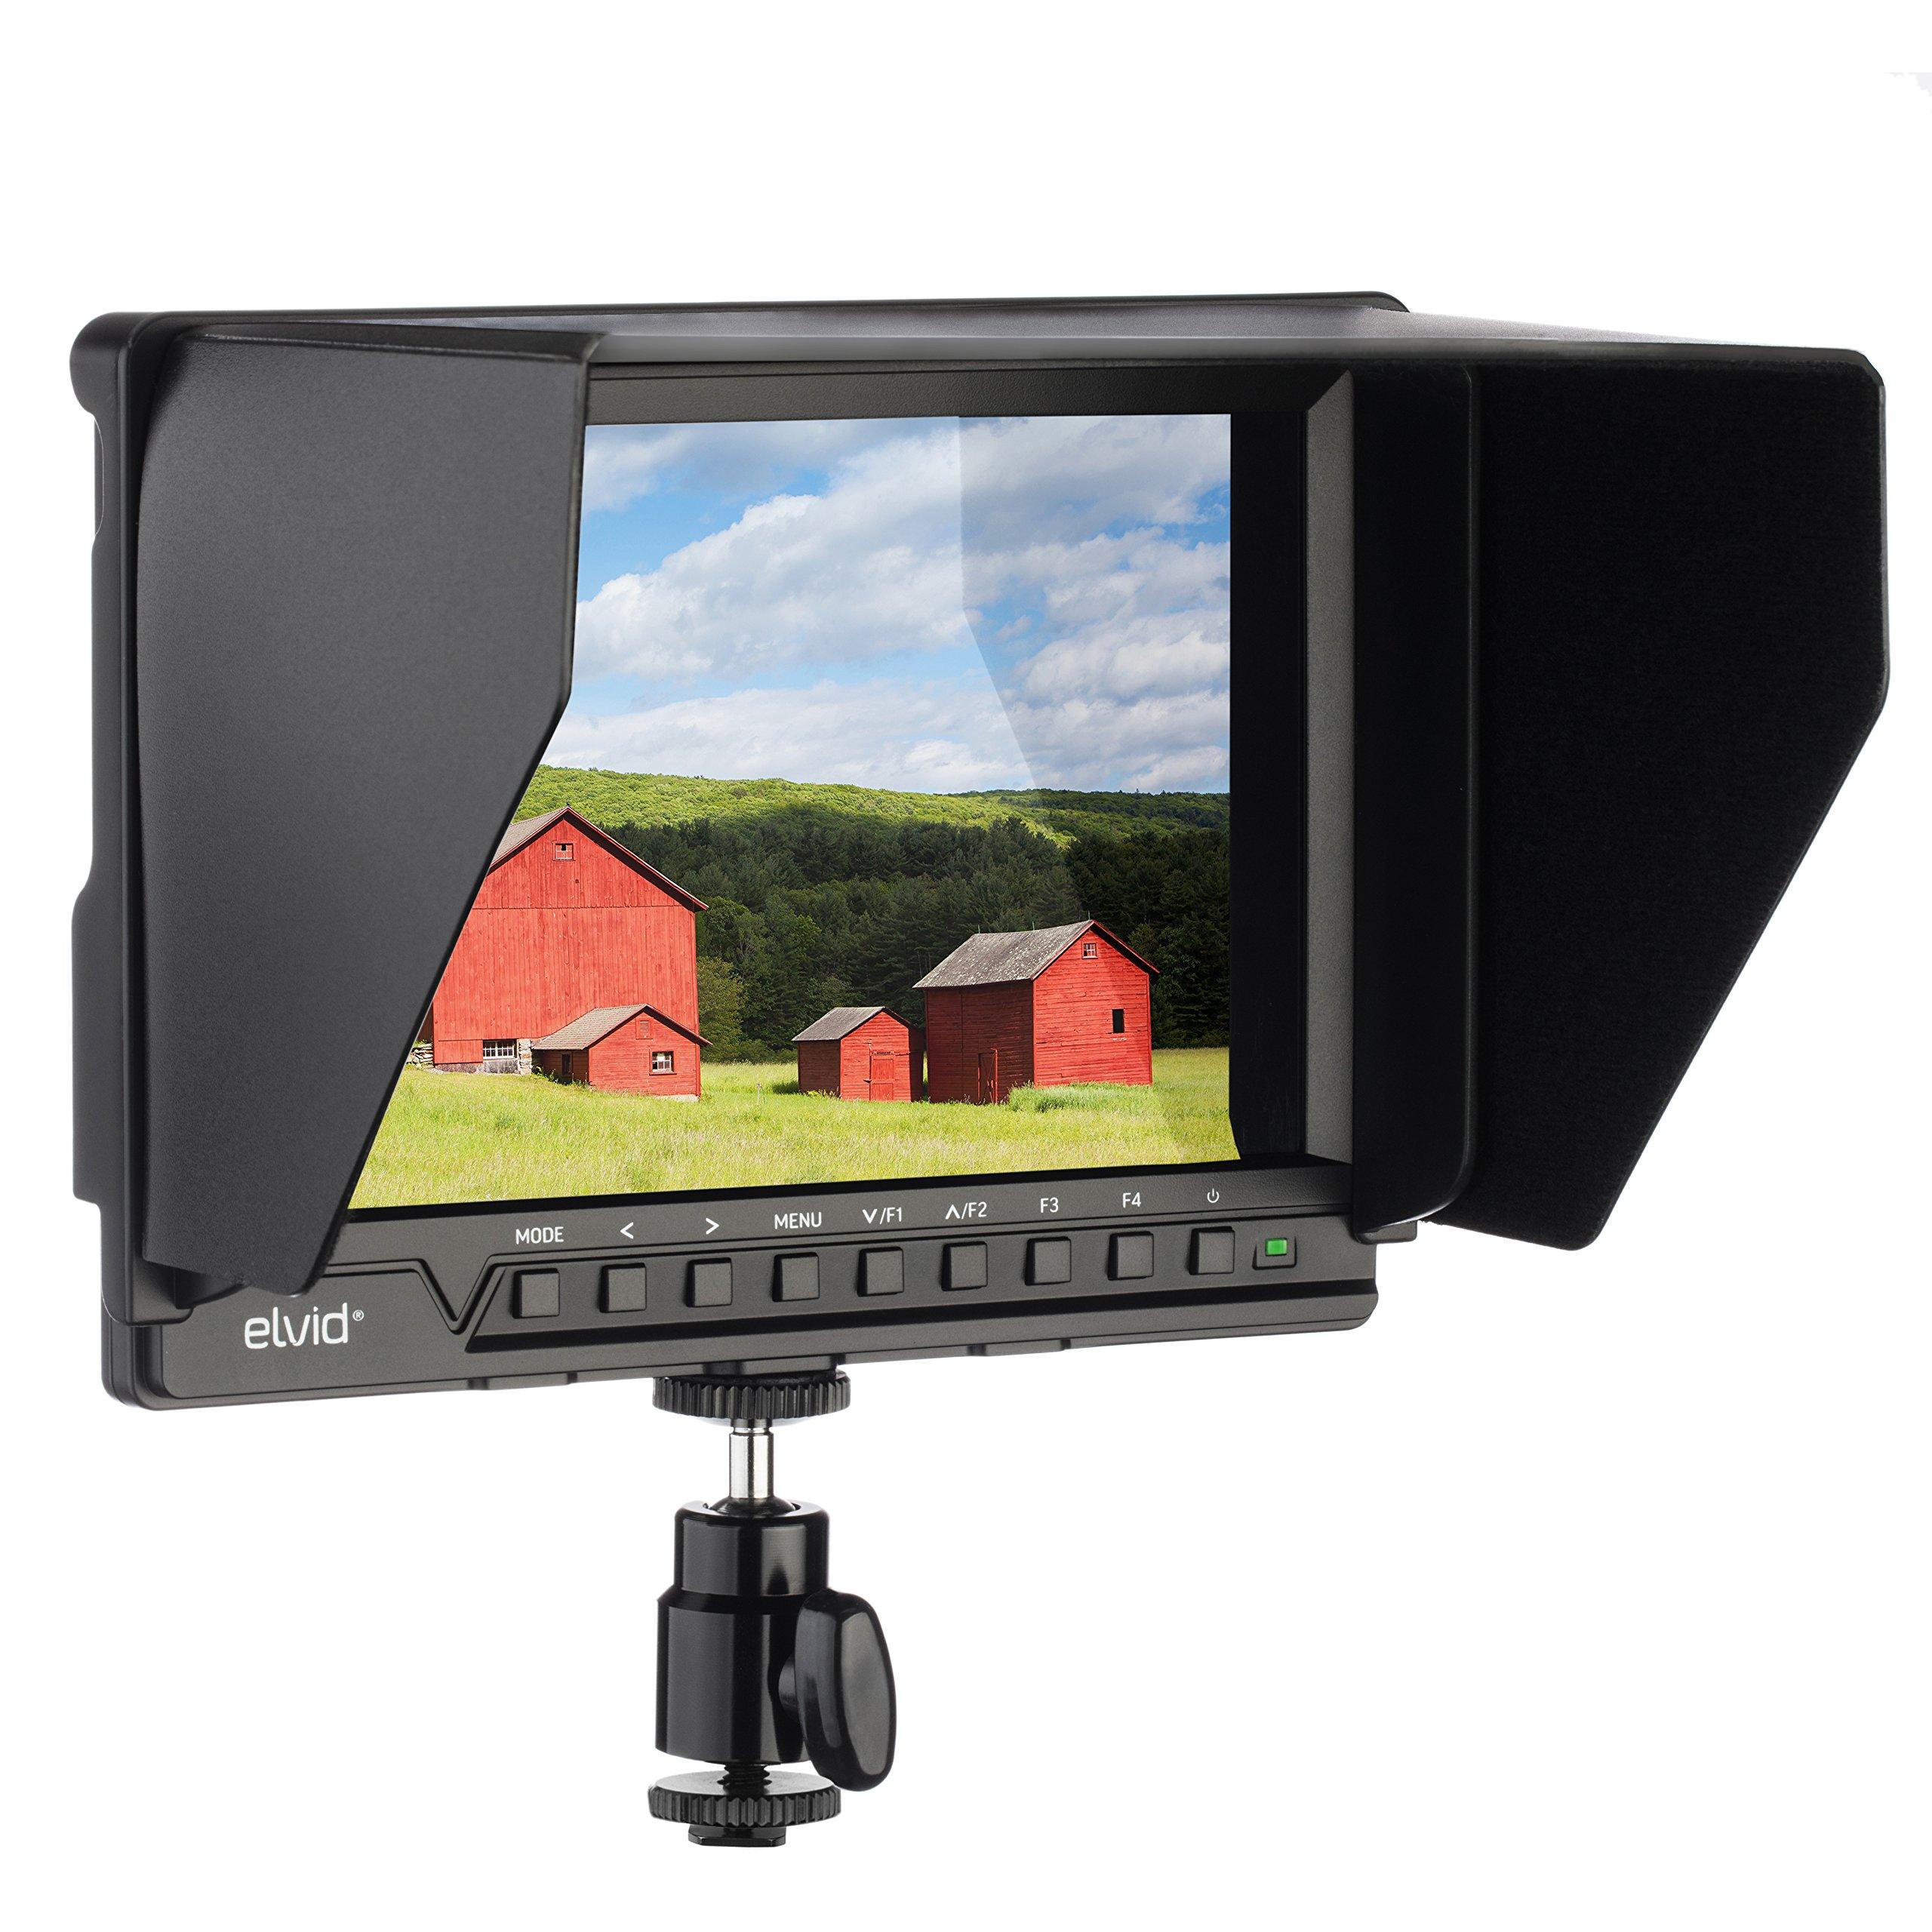 Elvid FieldVision 4KV2 7'''' On-Camera Monitor